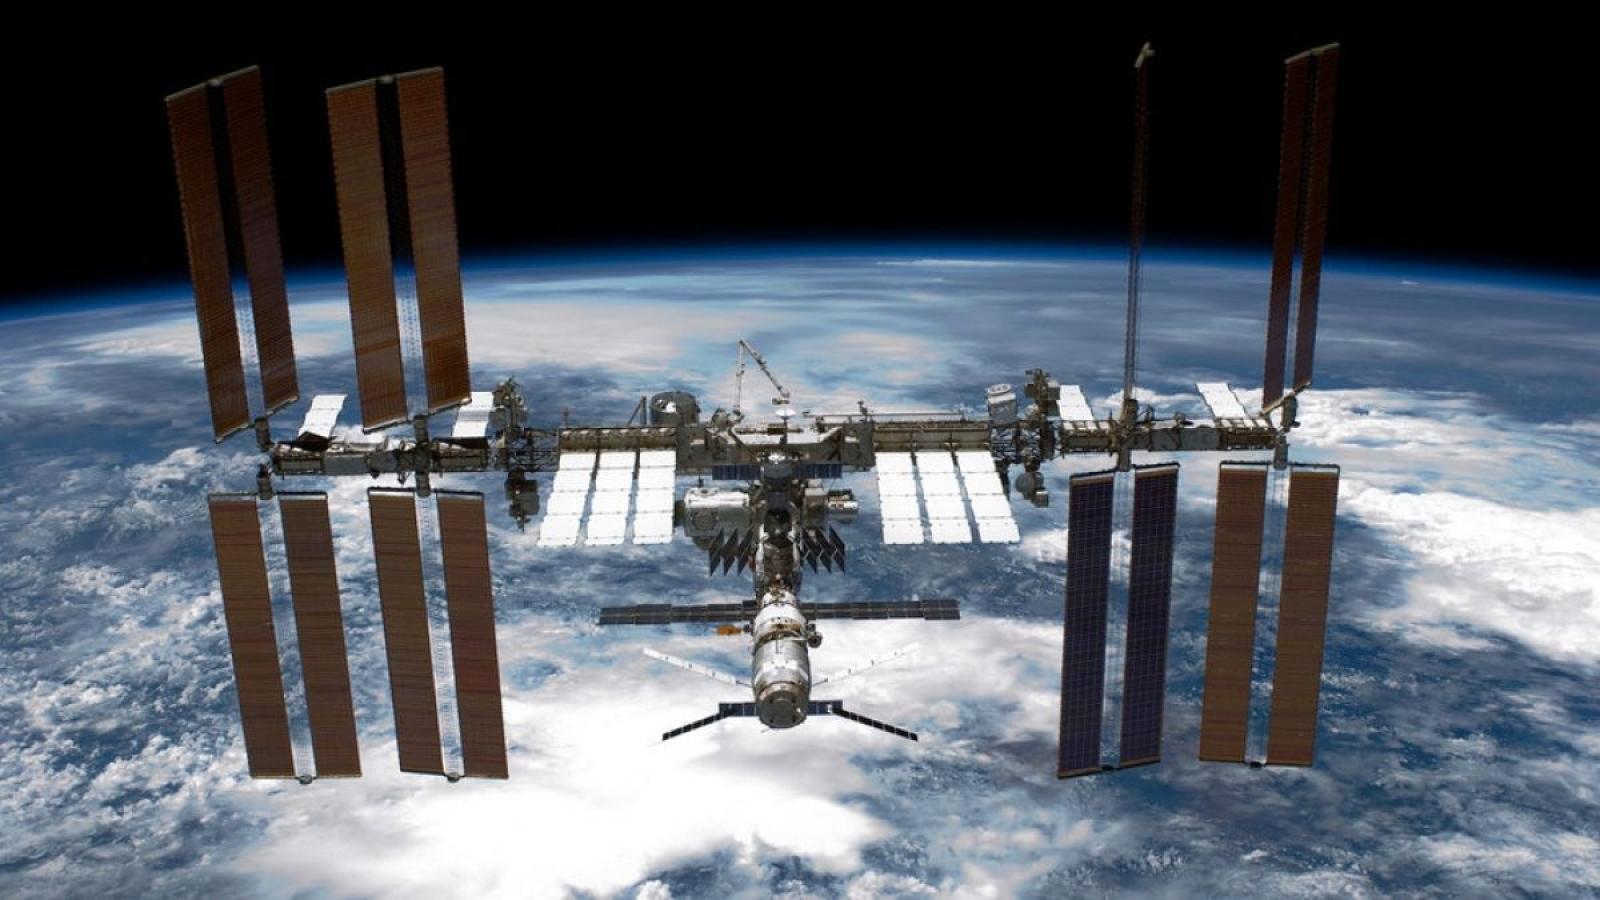 Nga sẽ rút khỏi Trạm Vũ trụ Quốc tế nếu Mỹ không dỡ bỏ lệnh trừng phạt